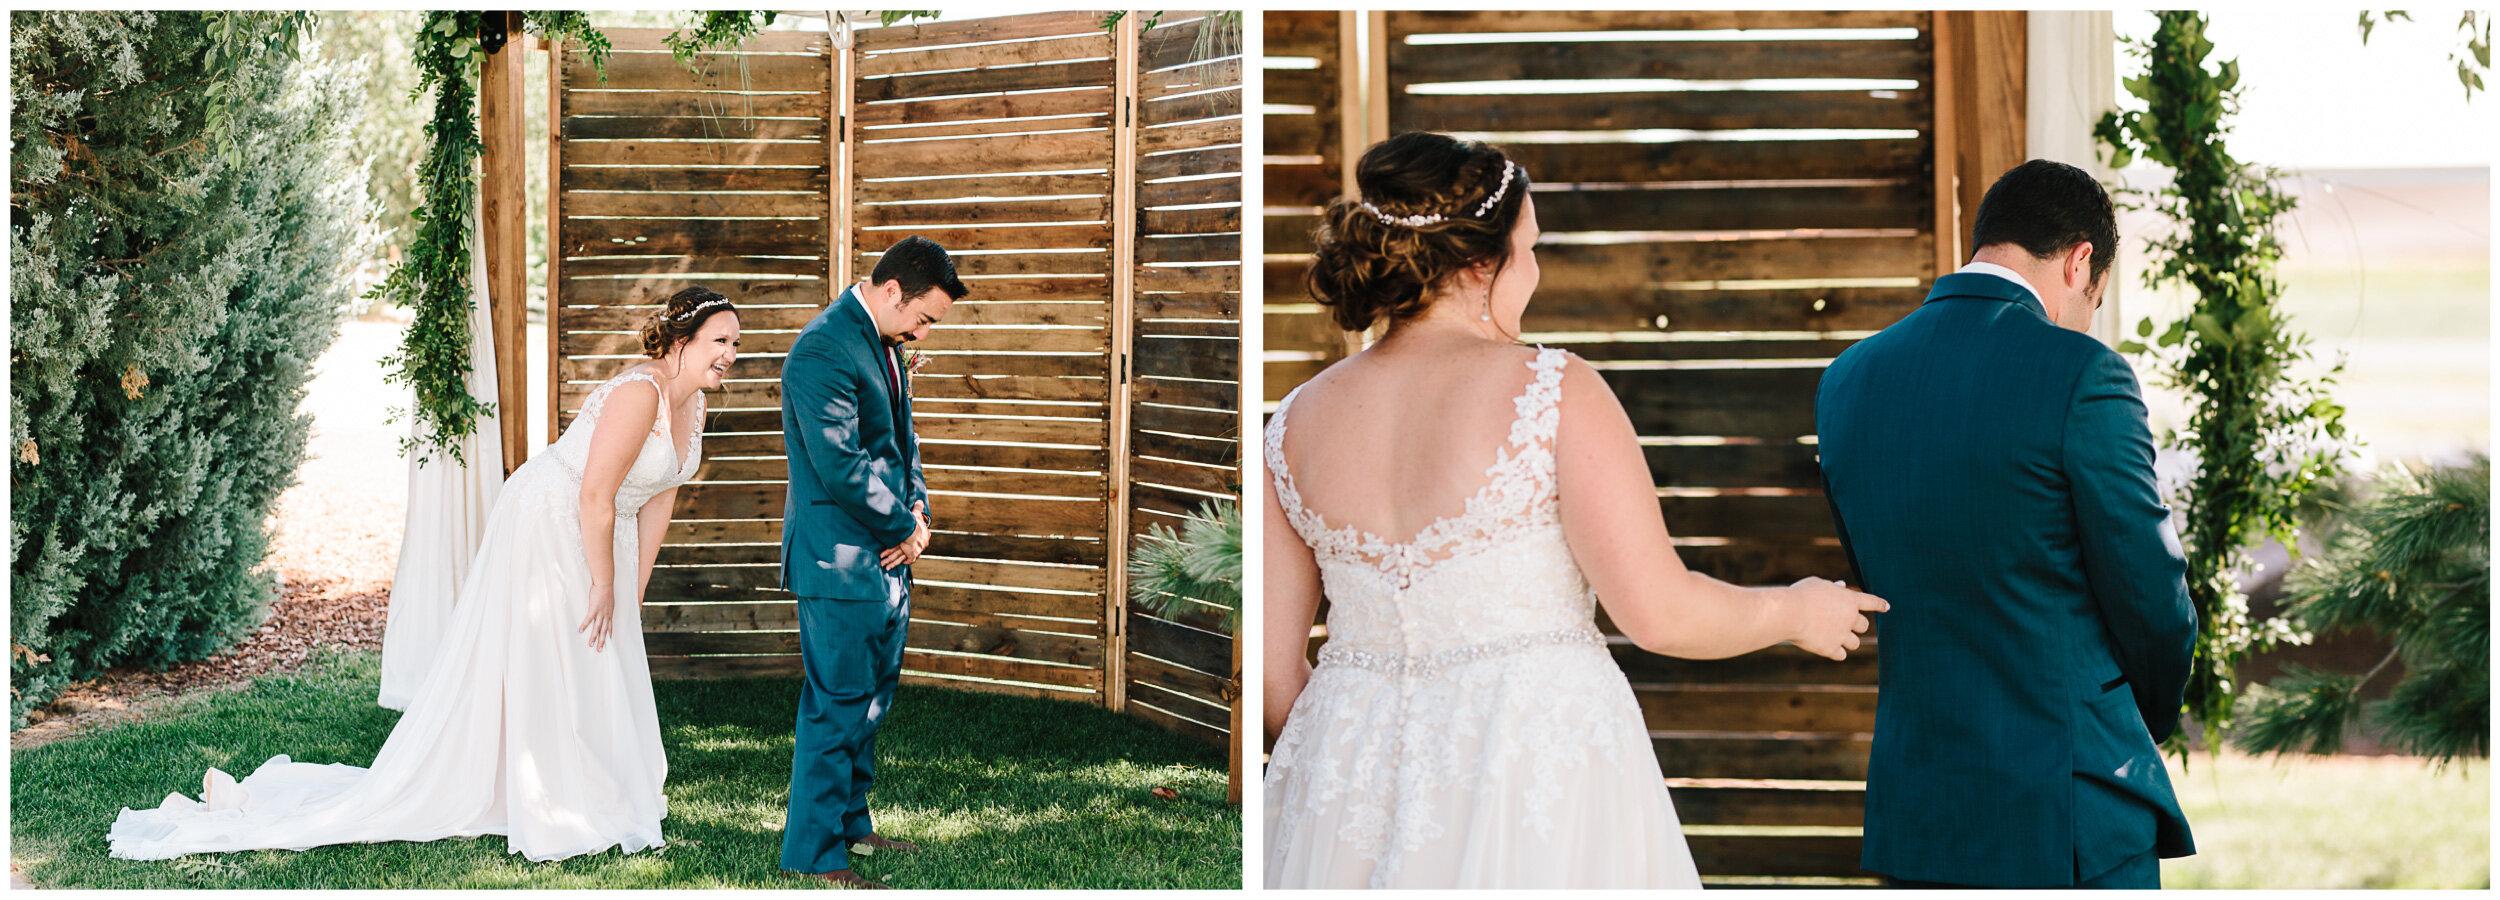 brighton_colorado_wedding_29.jpg